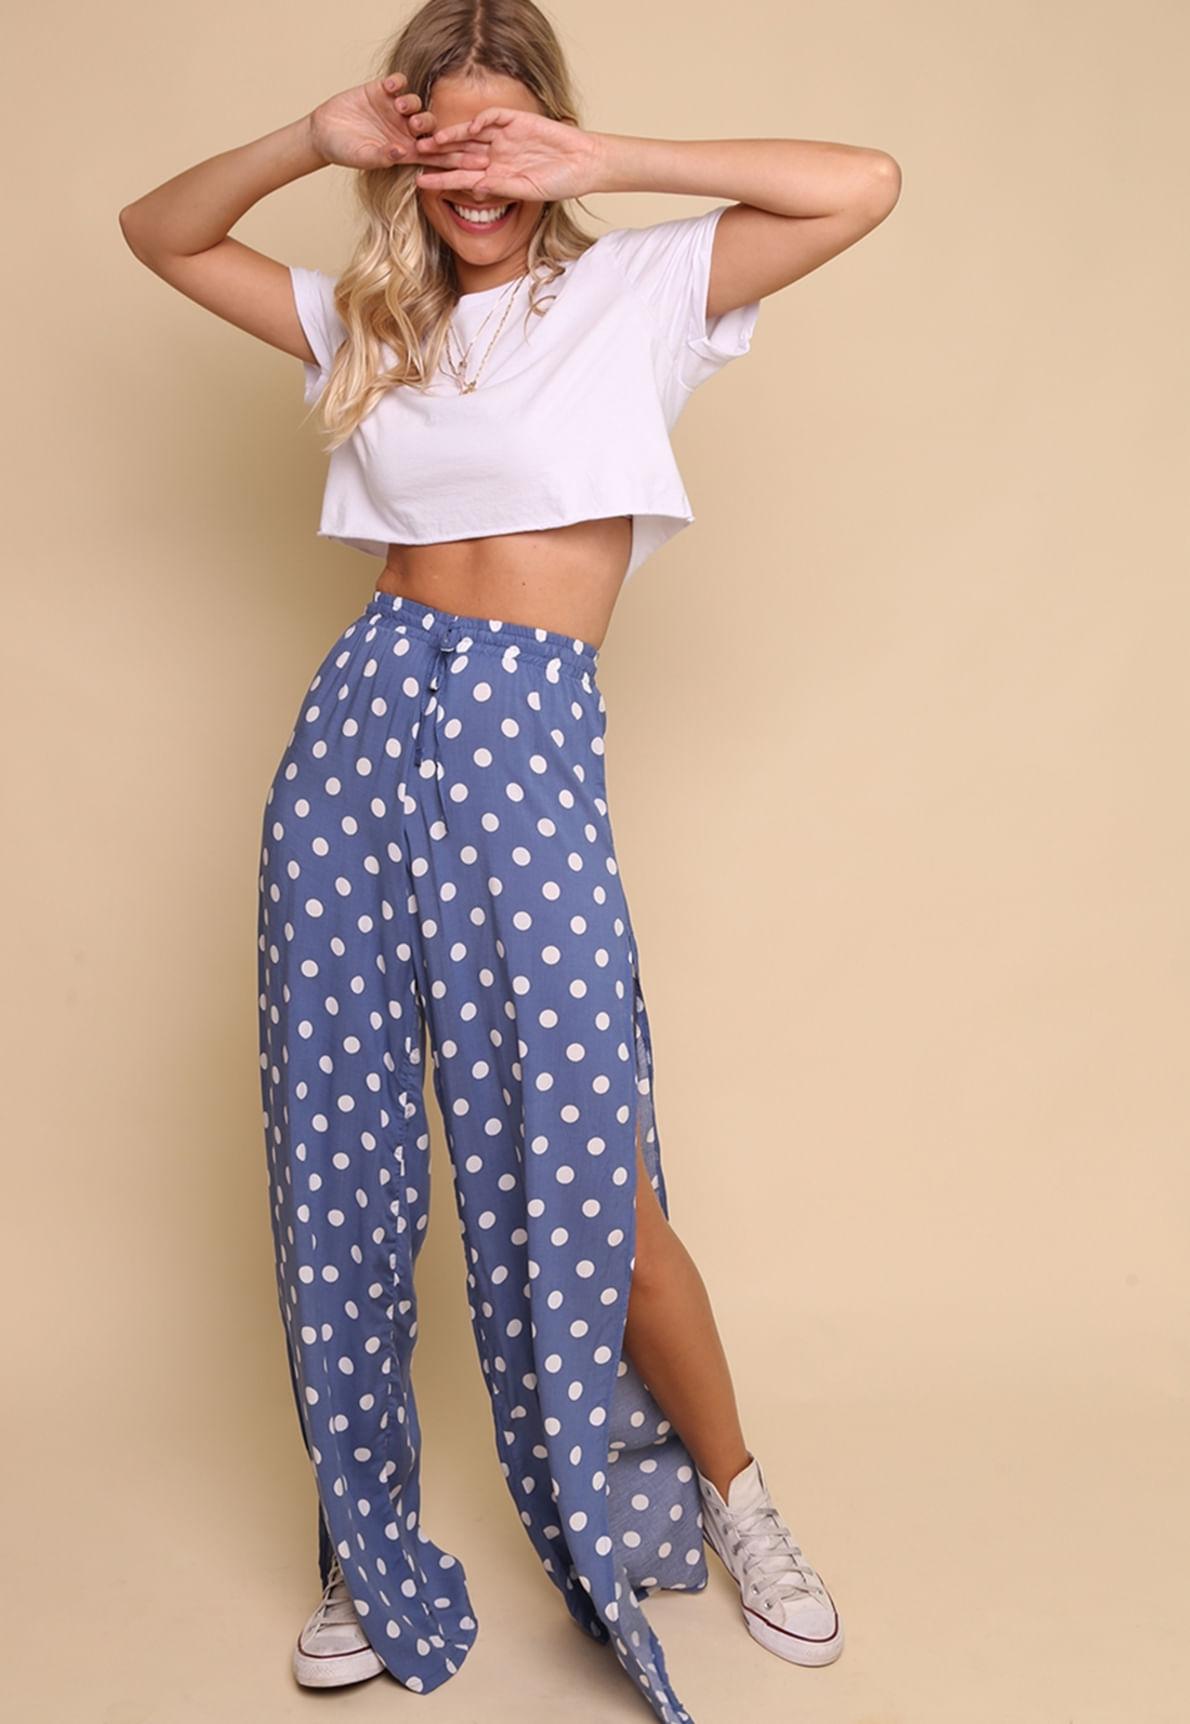 29065-calca-pantalona-poa-azul-caroline-mundo-lolita-02